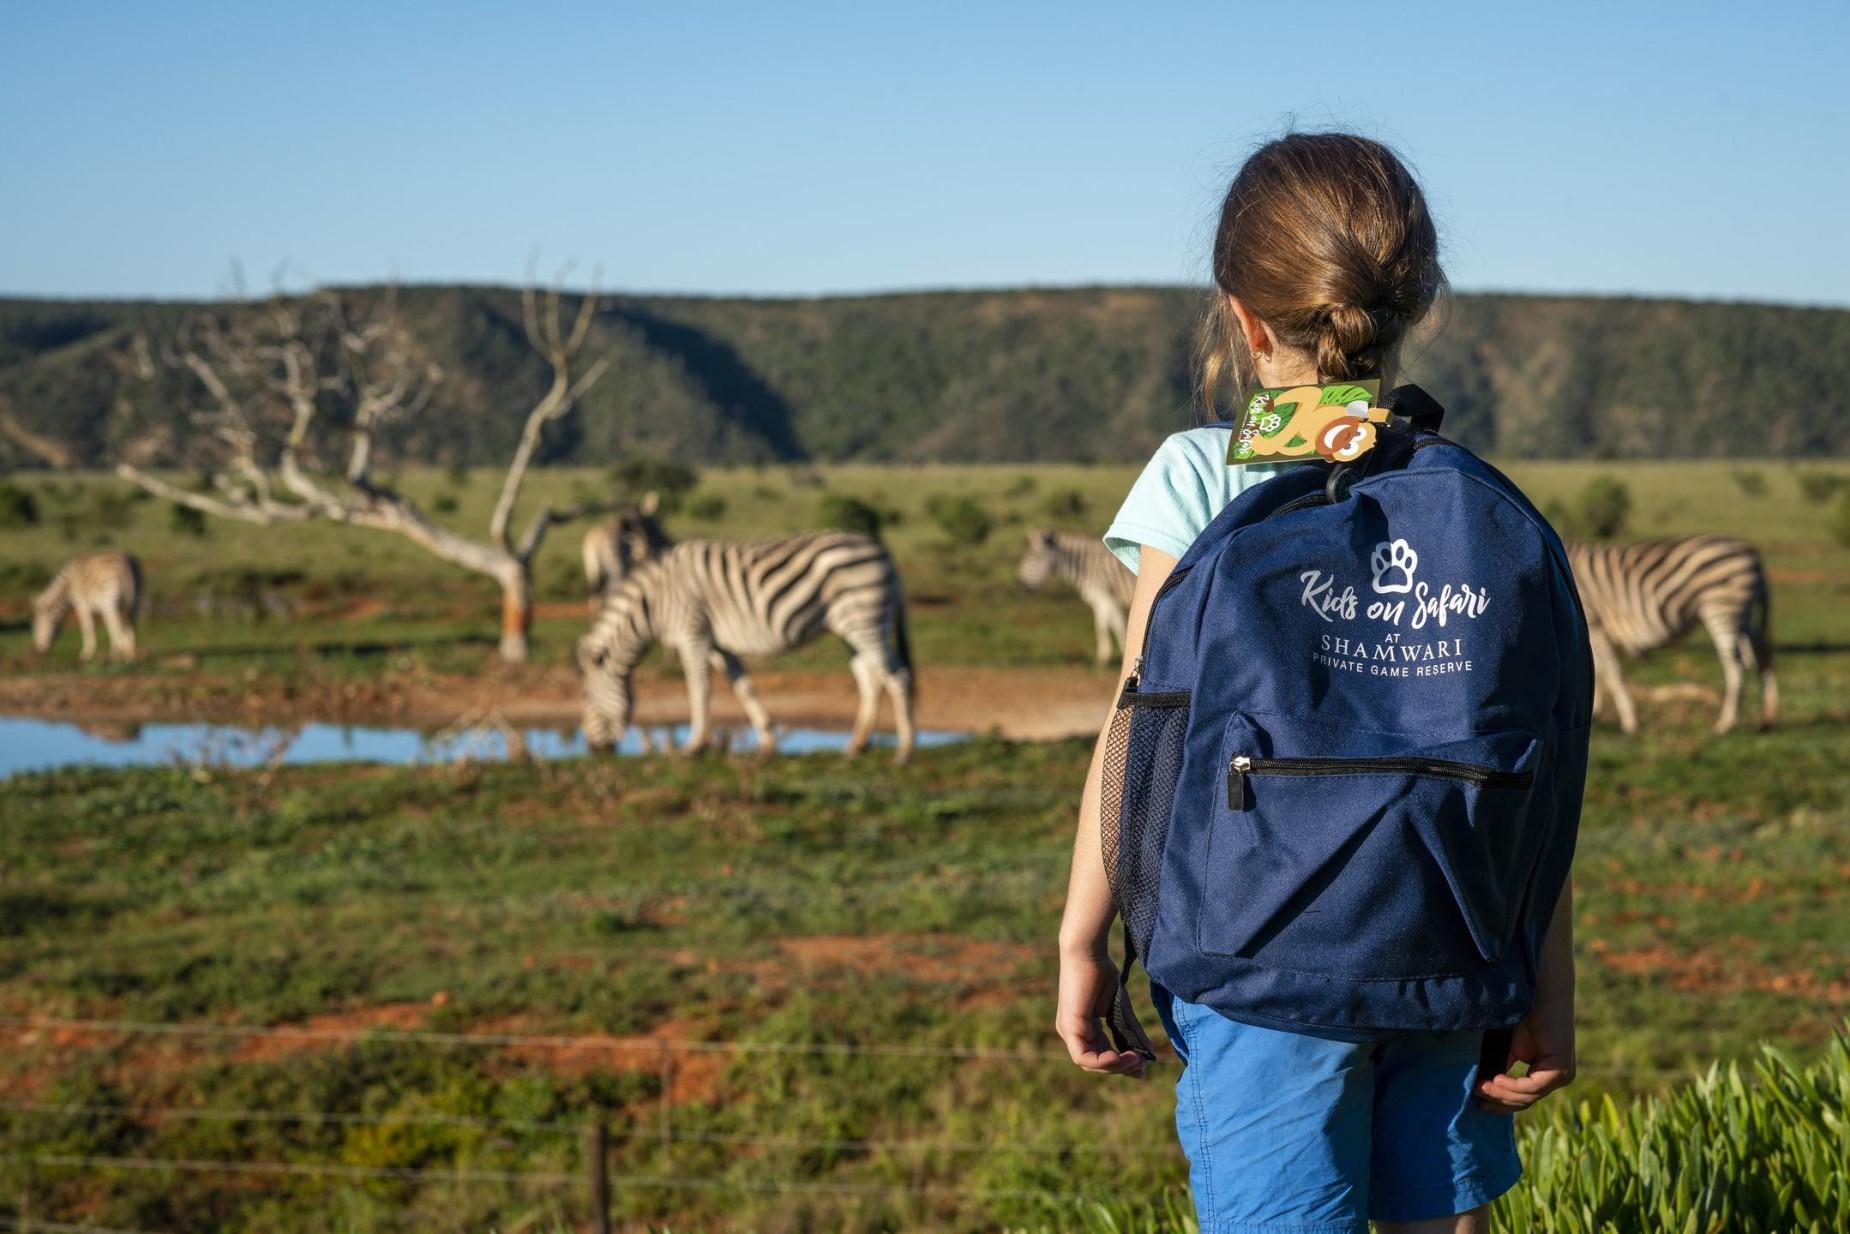 rd_kids_on_safari_483